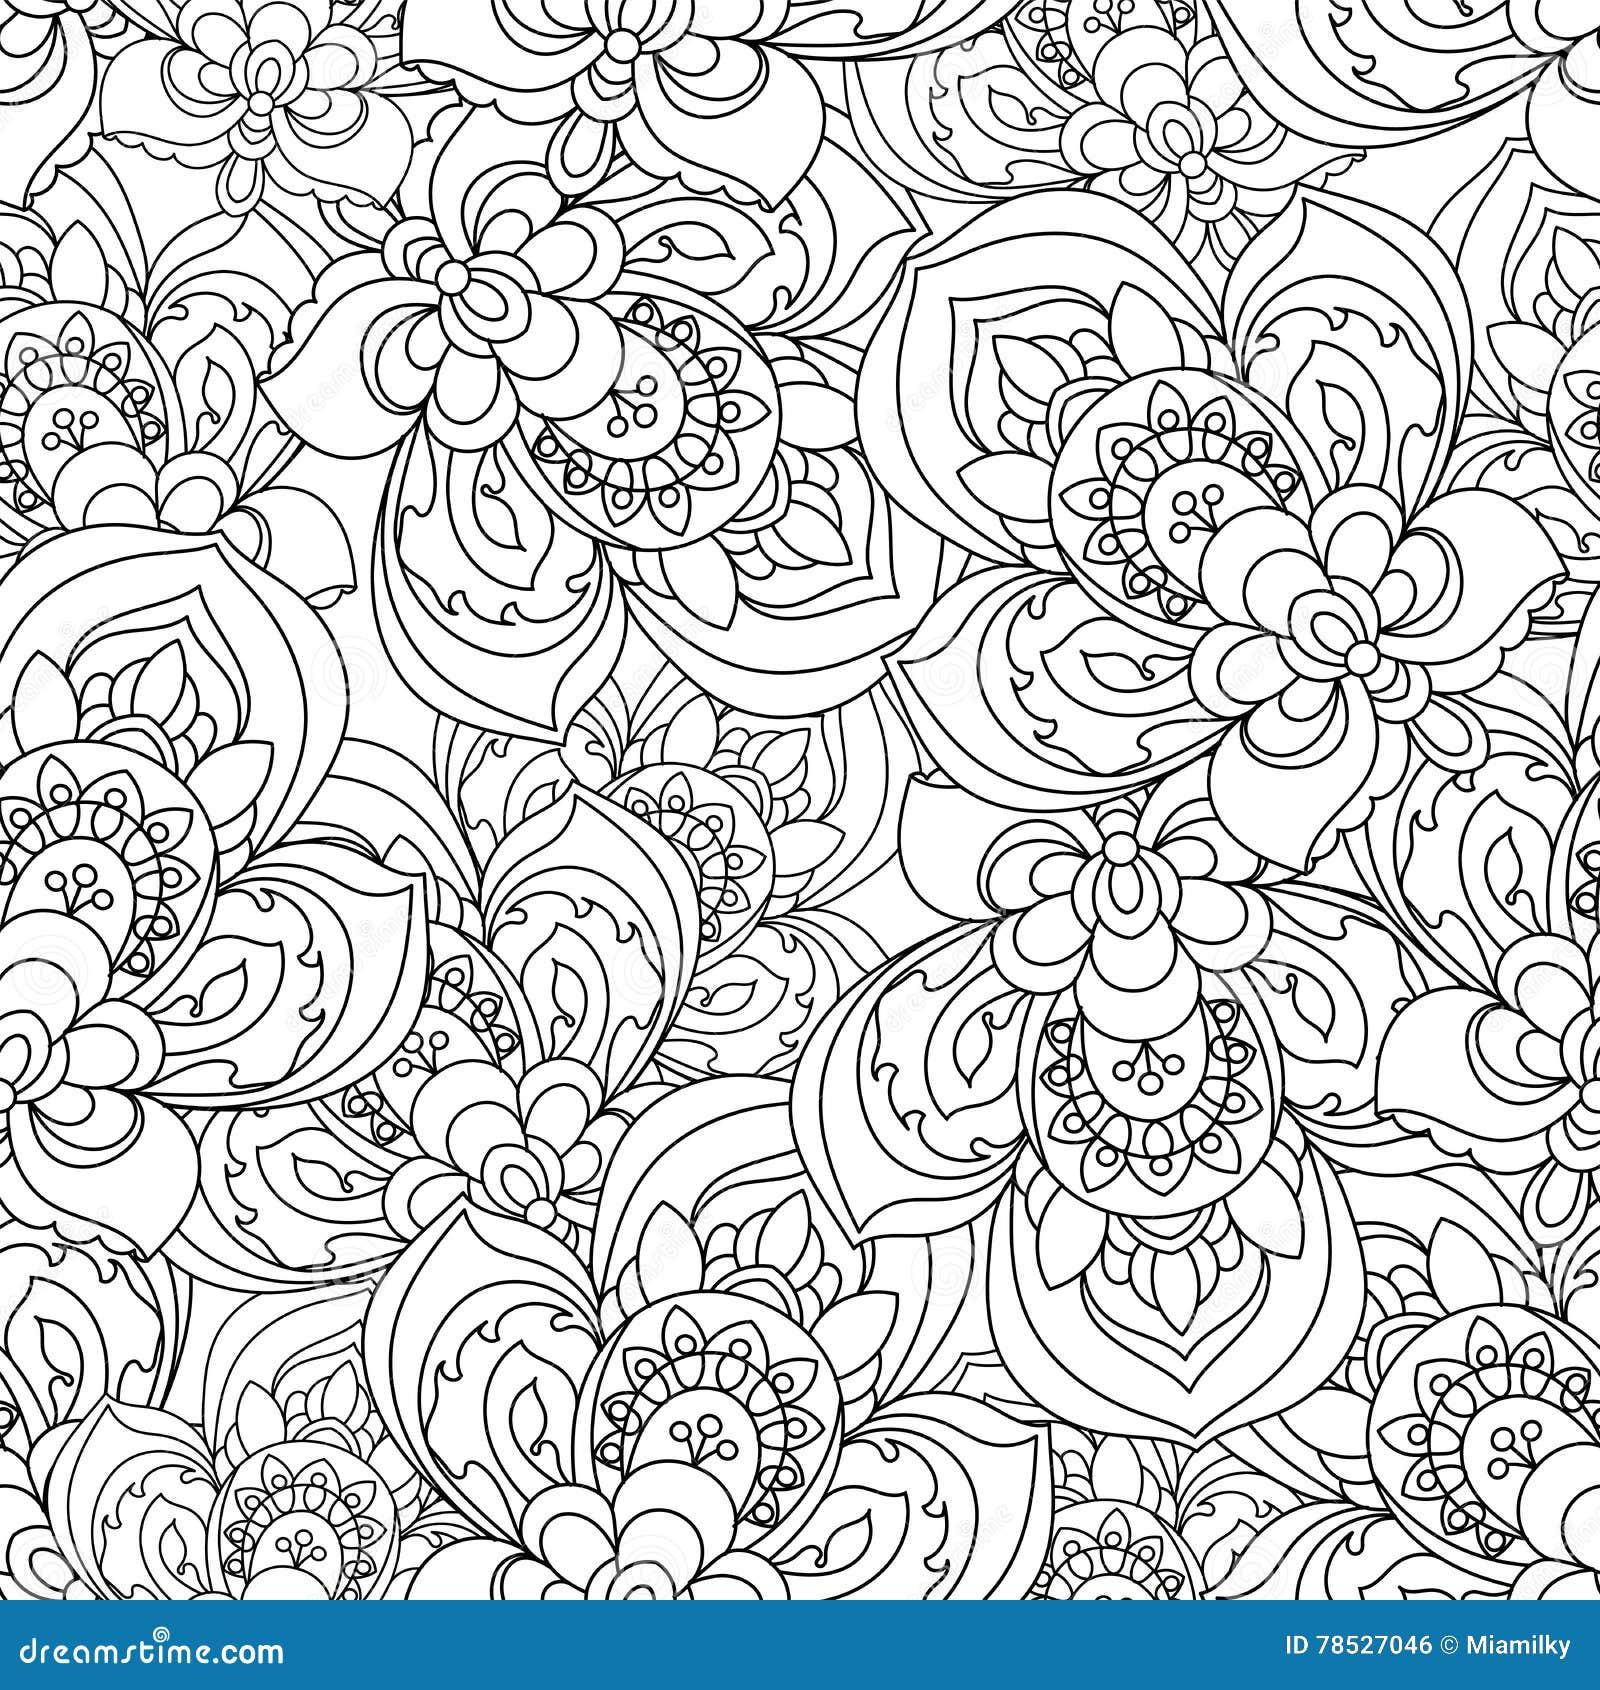 Coloriage Mandala Complique.Modele Fleuri Monochrome Sans Couture De Vecteur Pour Livre De